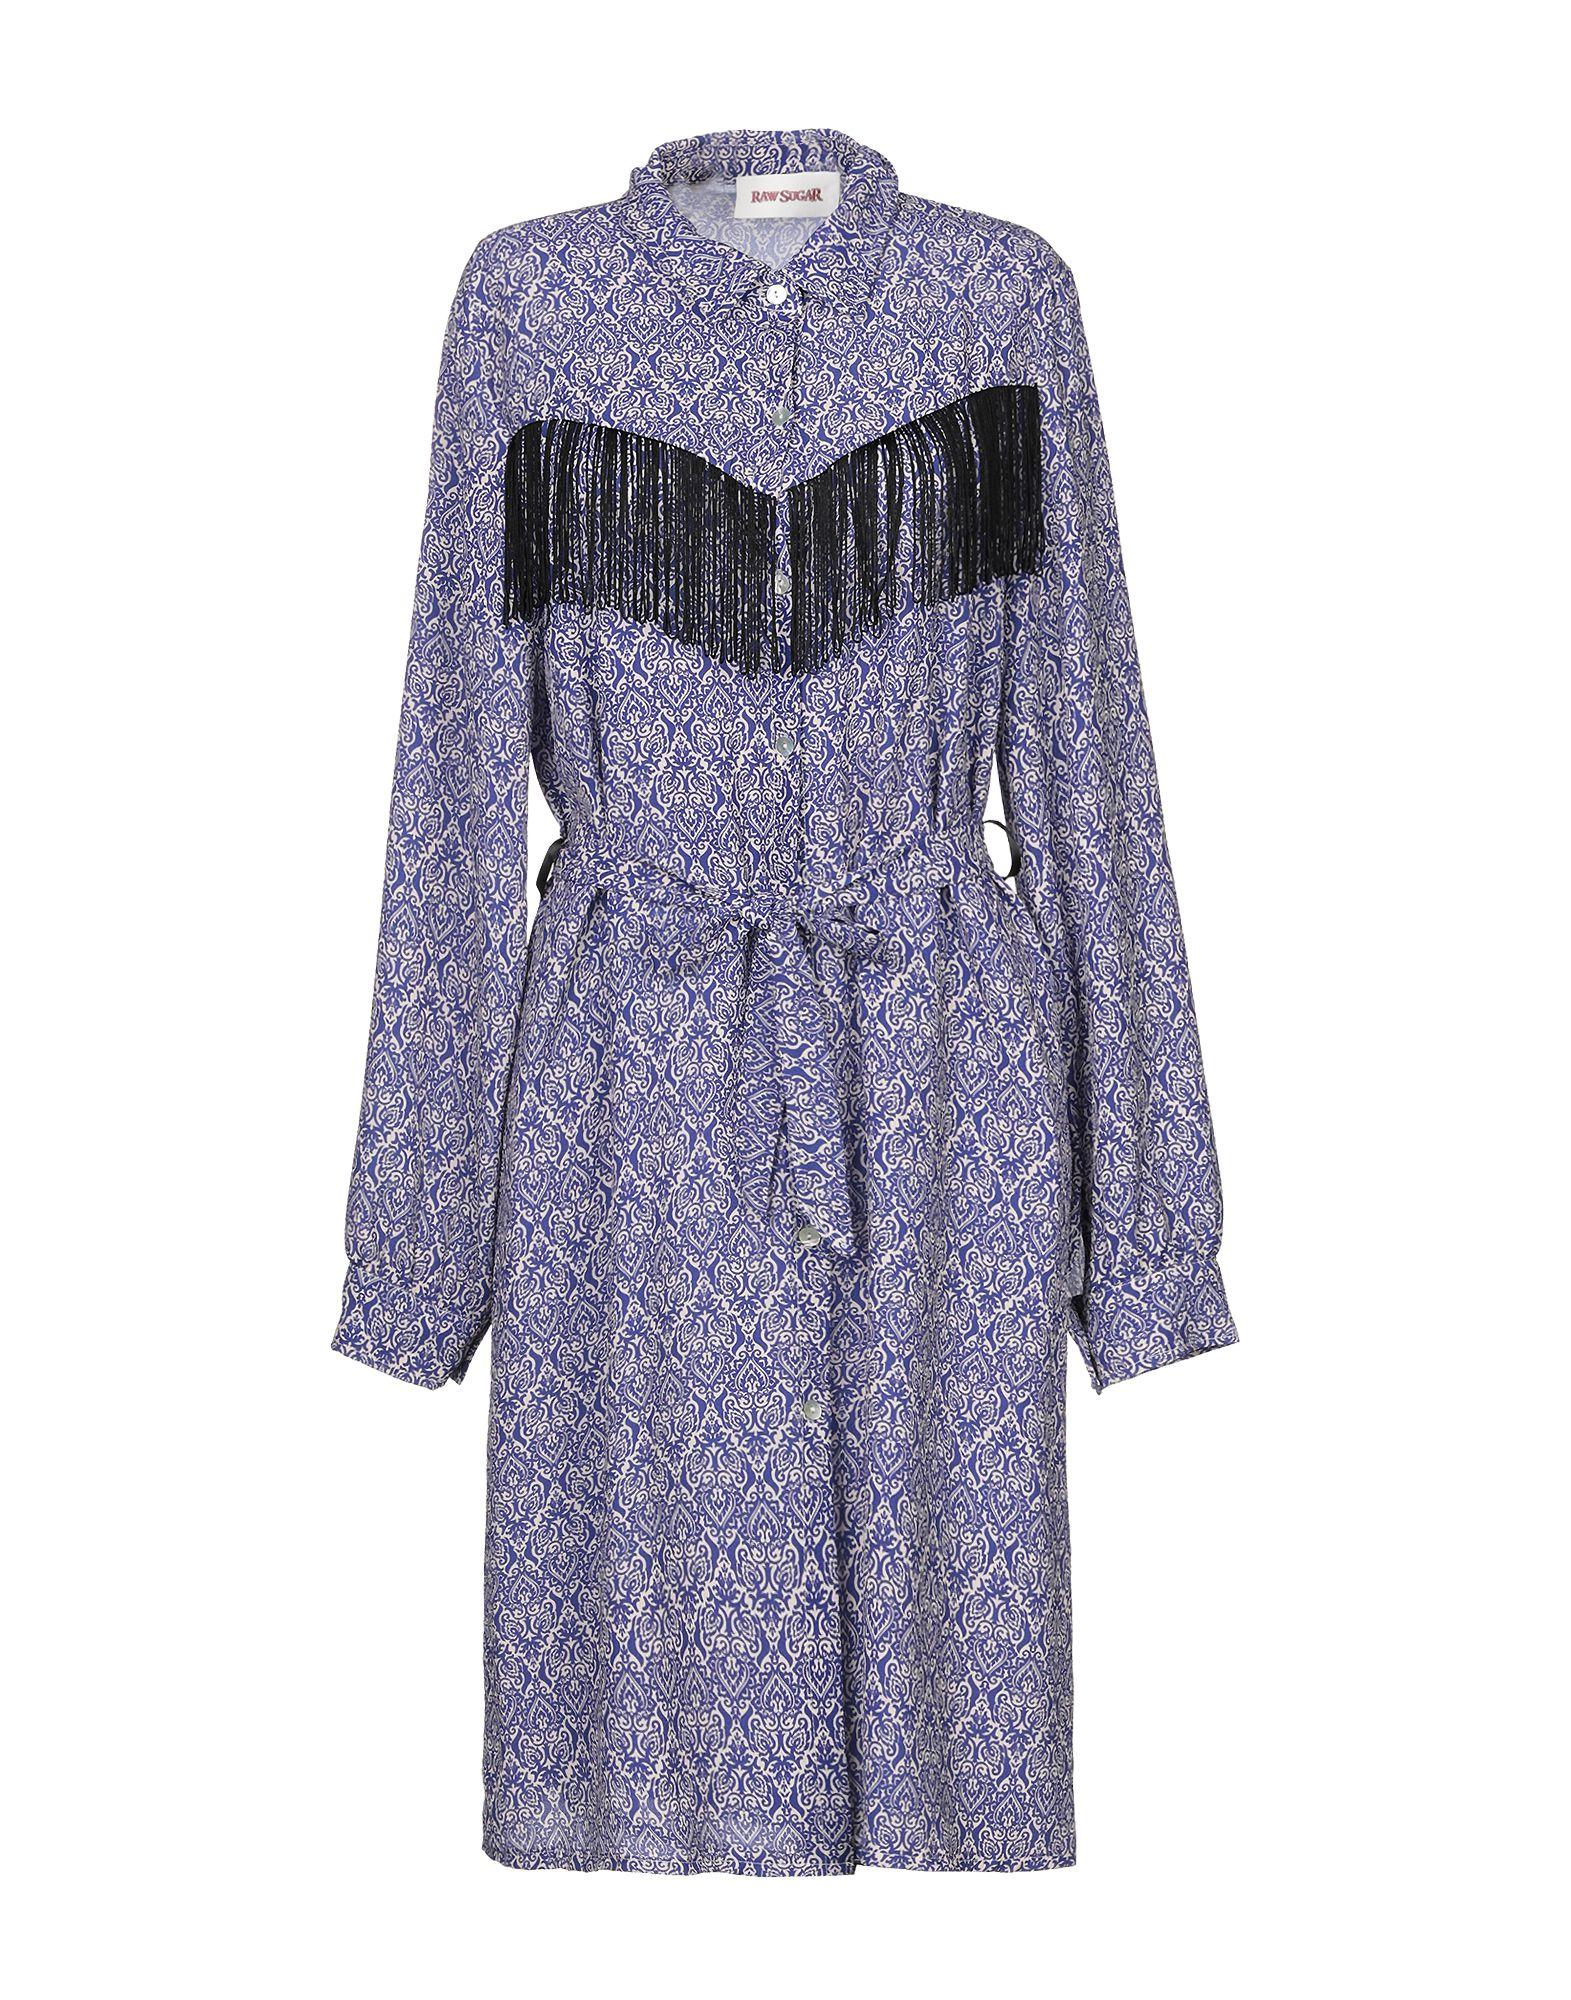 RAW SUGAR Короткое платье raw sugar блузка